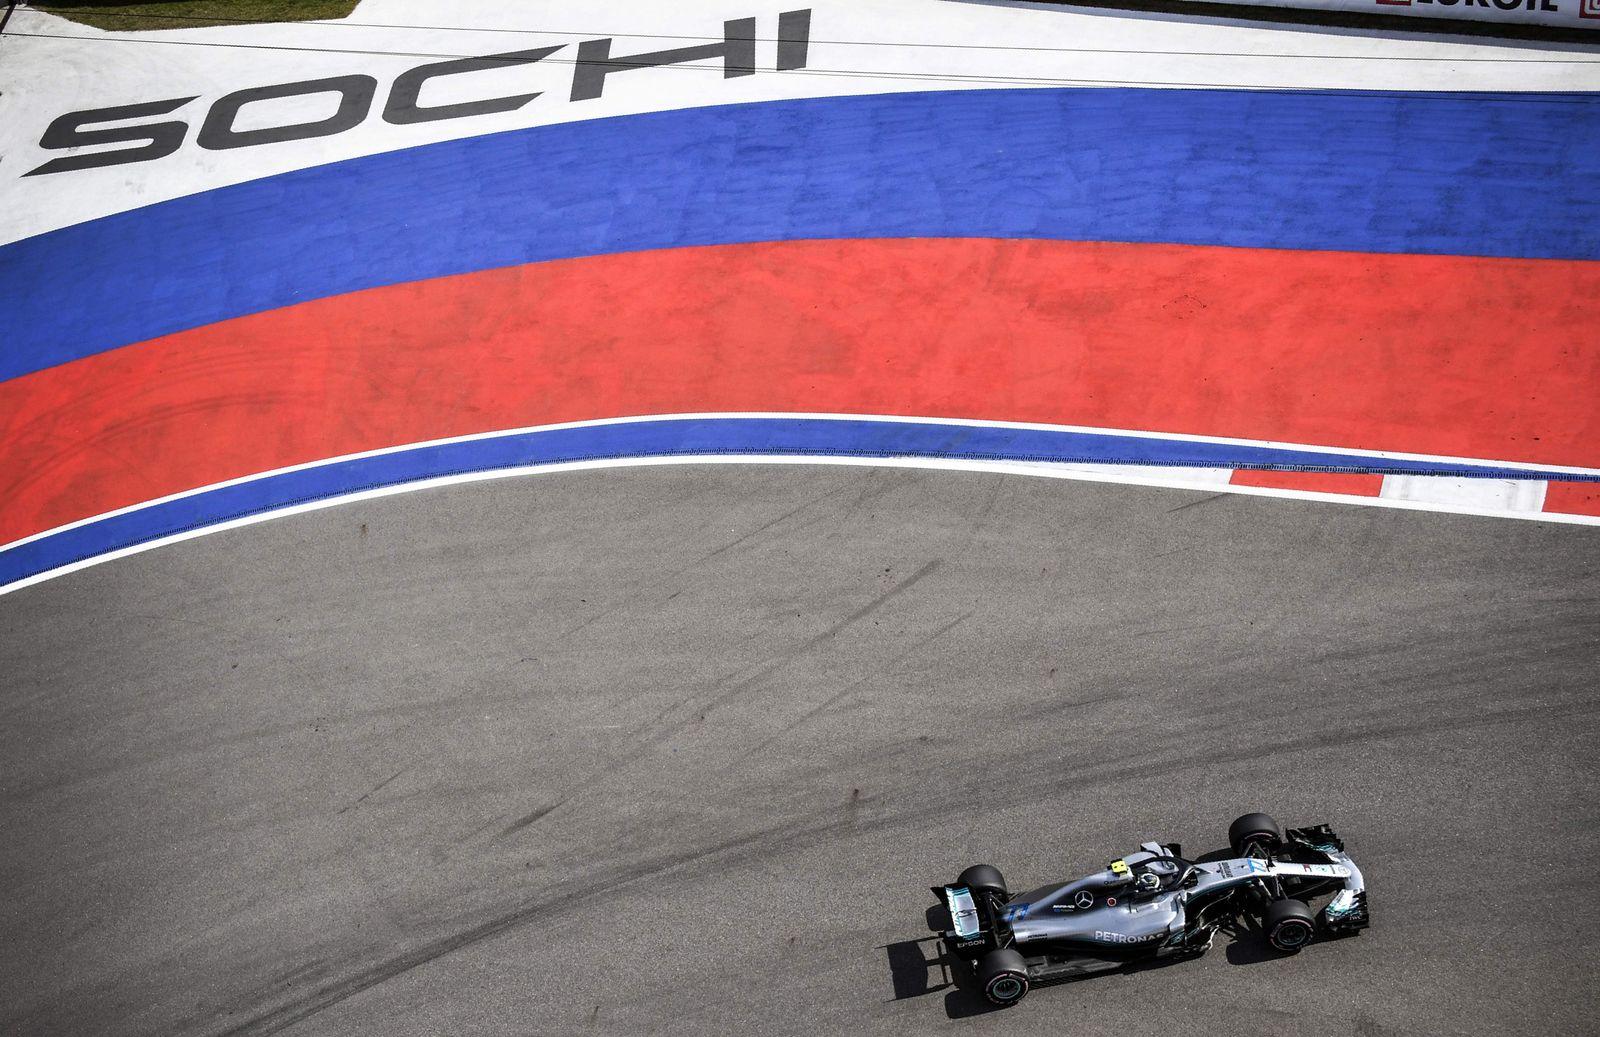 TOPSHOT-AUTO-F1-PRIX-RUS-PRACTICE